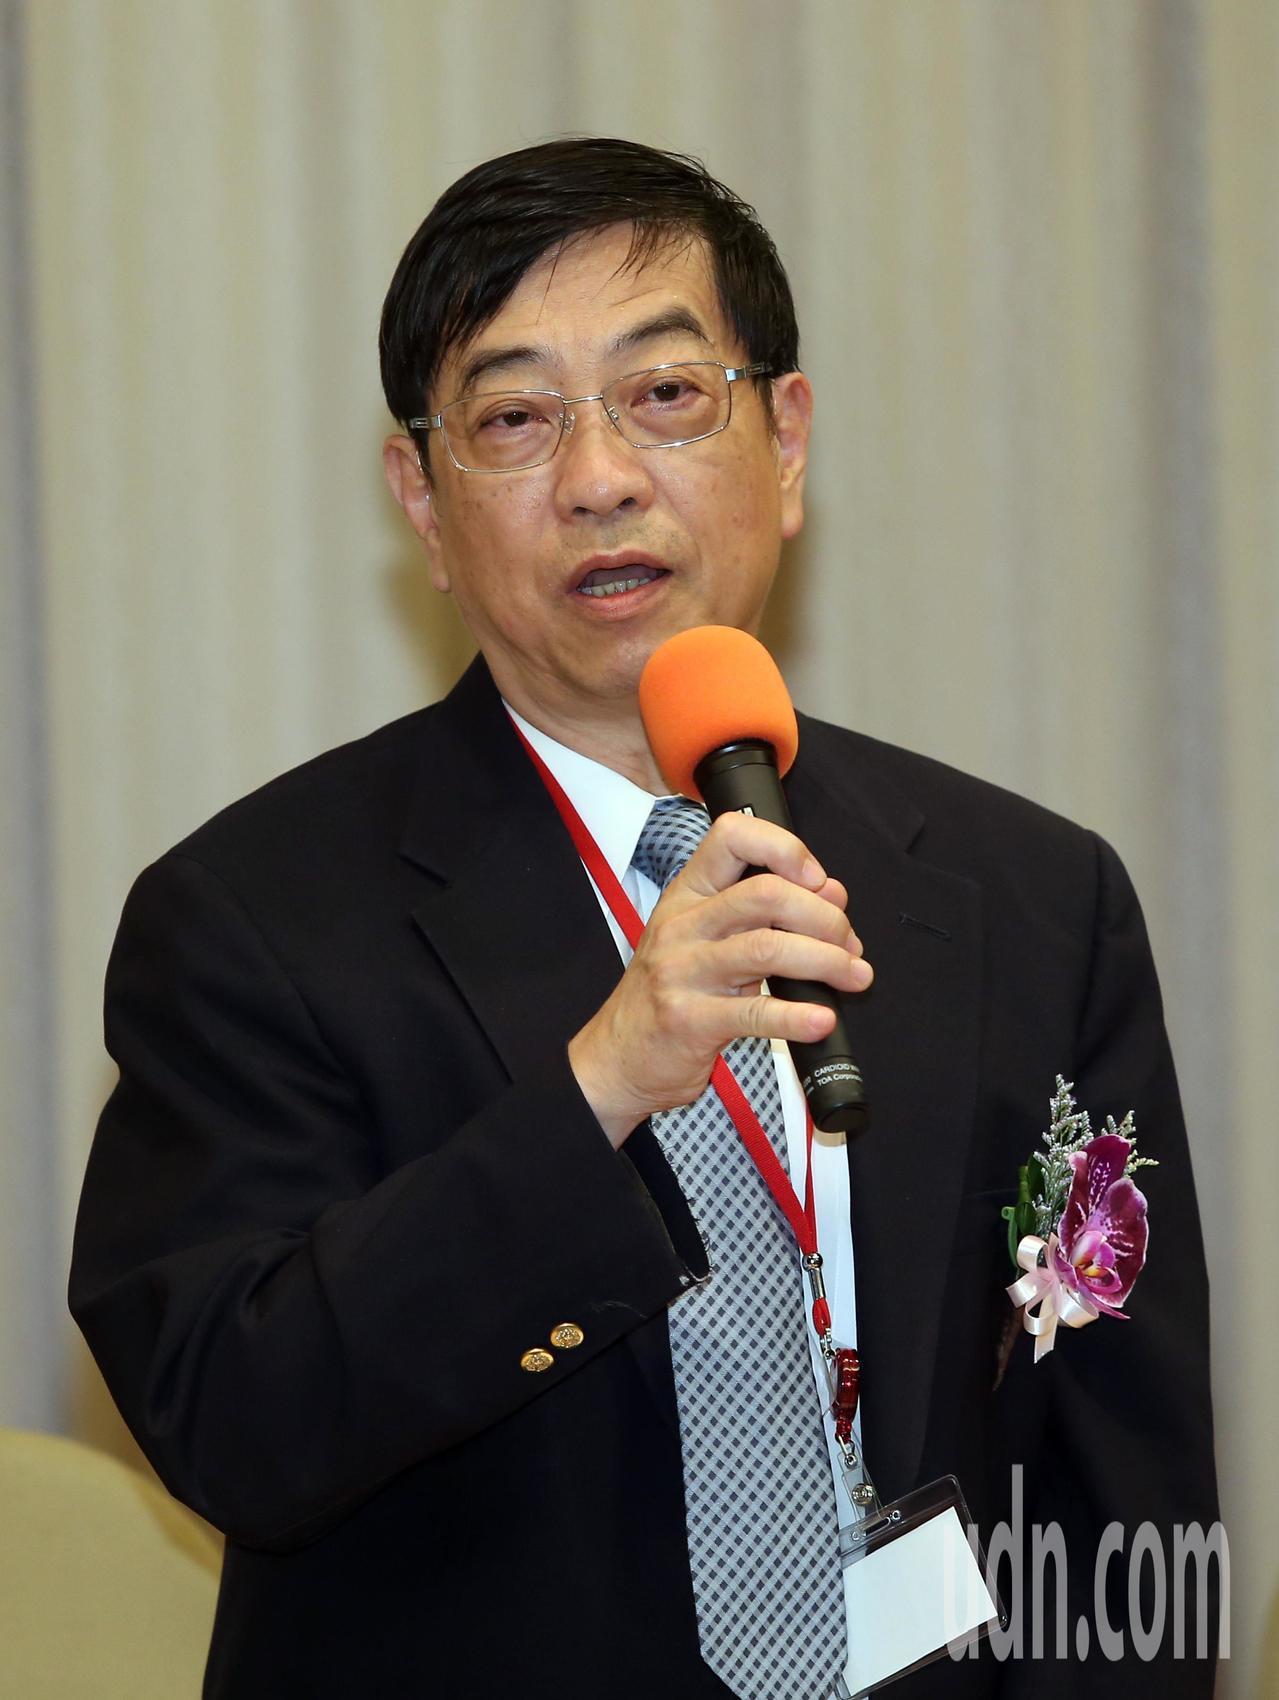 中研院下午由院長廖俊智公布新科院士,共21位院士榮獲殊榮,出席的包括中研院物理所...